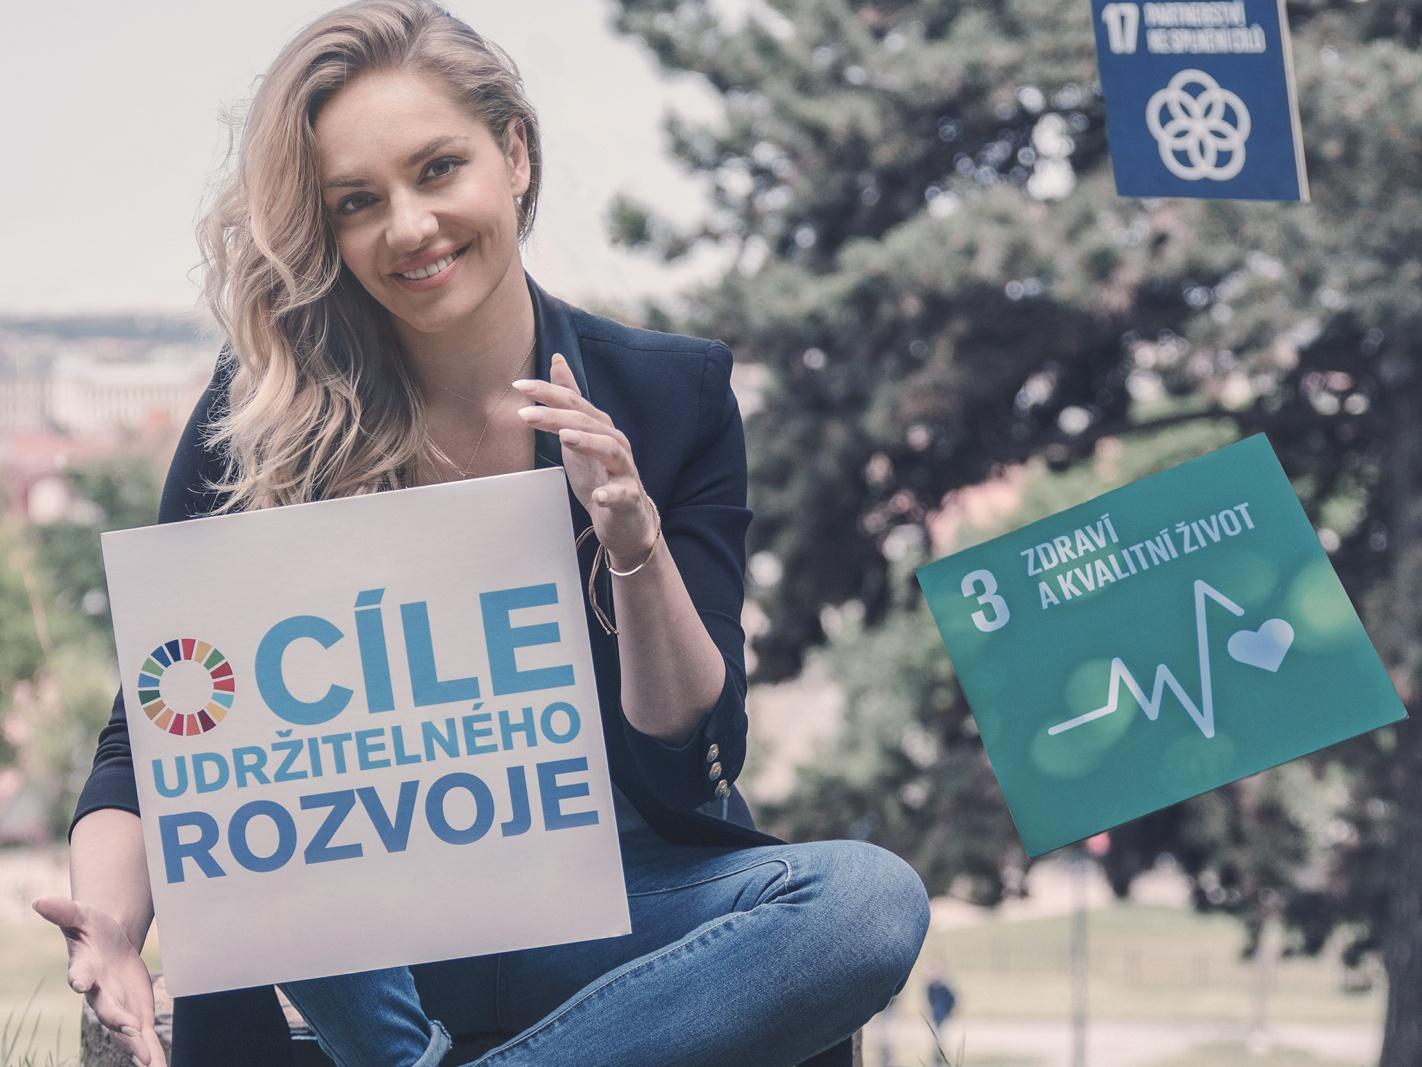 Ceny SDGs 2018: Hlasujte pro nejlepší české projekty, které mění svět k lepšímu